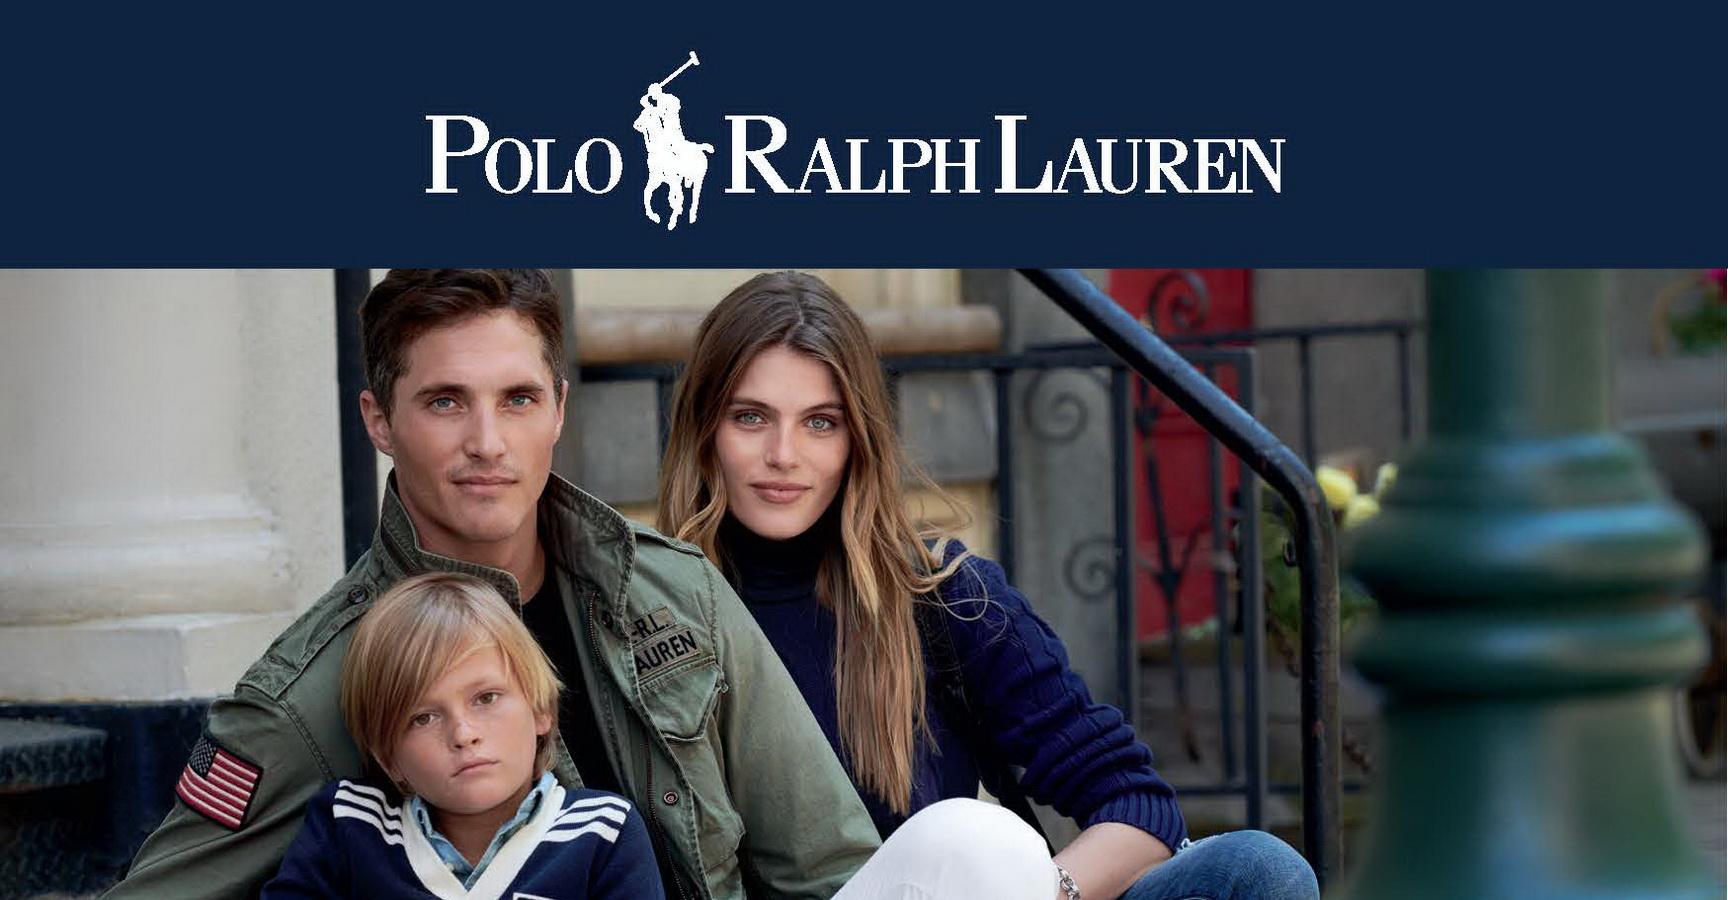 Gemeinsamer Shop von Polo Ralph Lauren und Polo Ralph Lauren Children  eröffnet 9eebd1264b